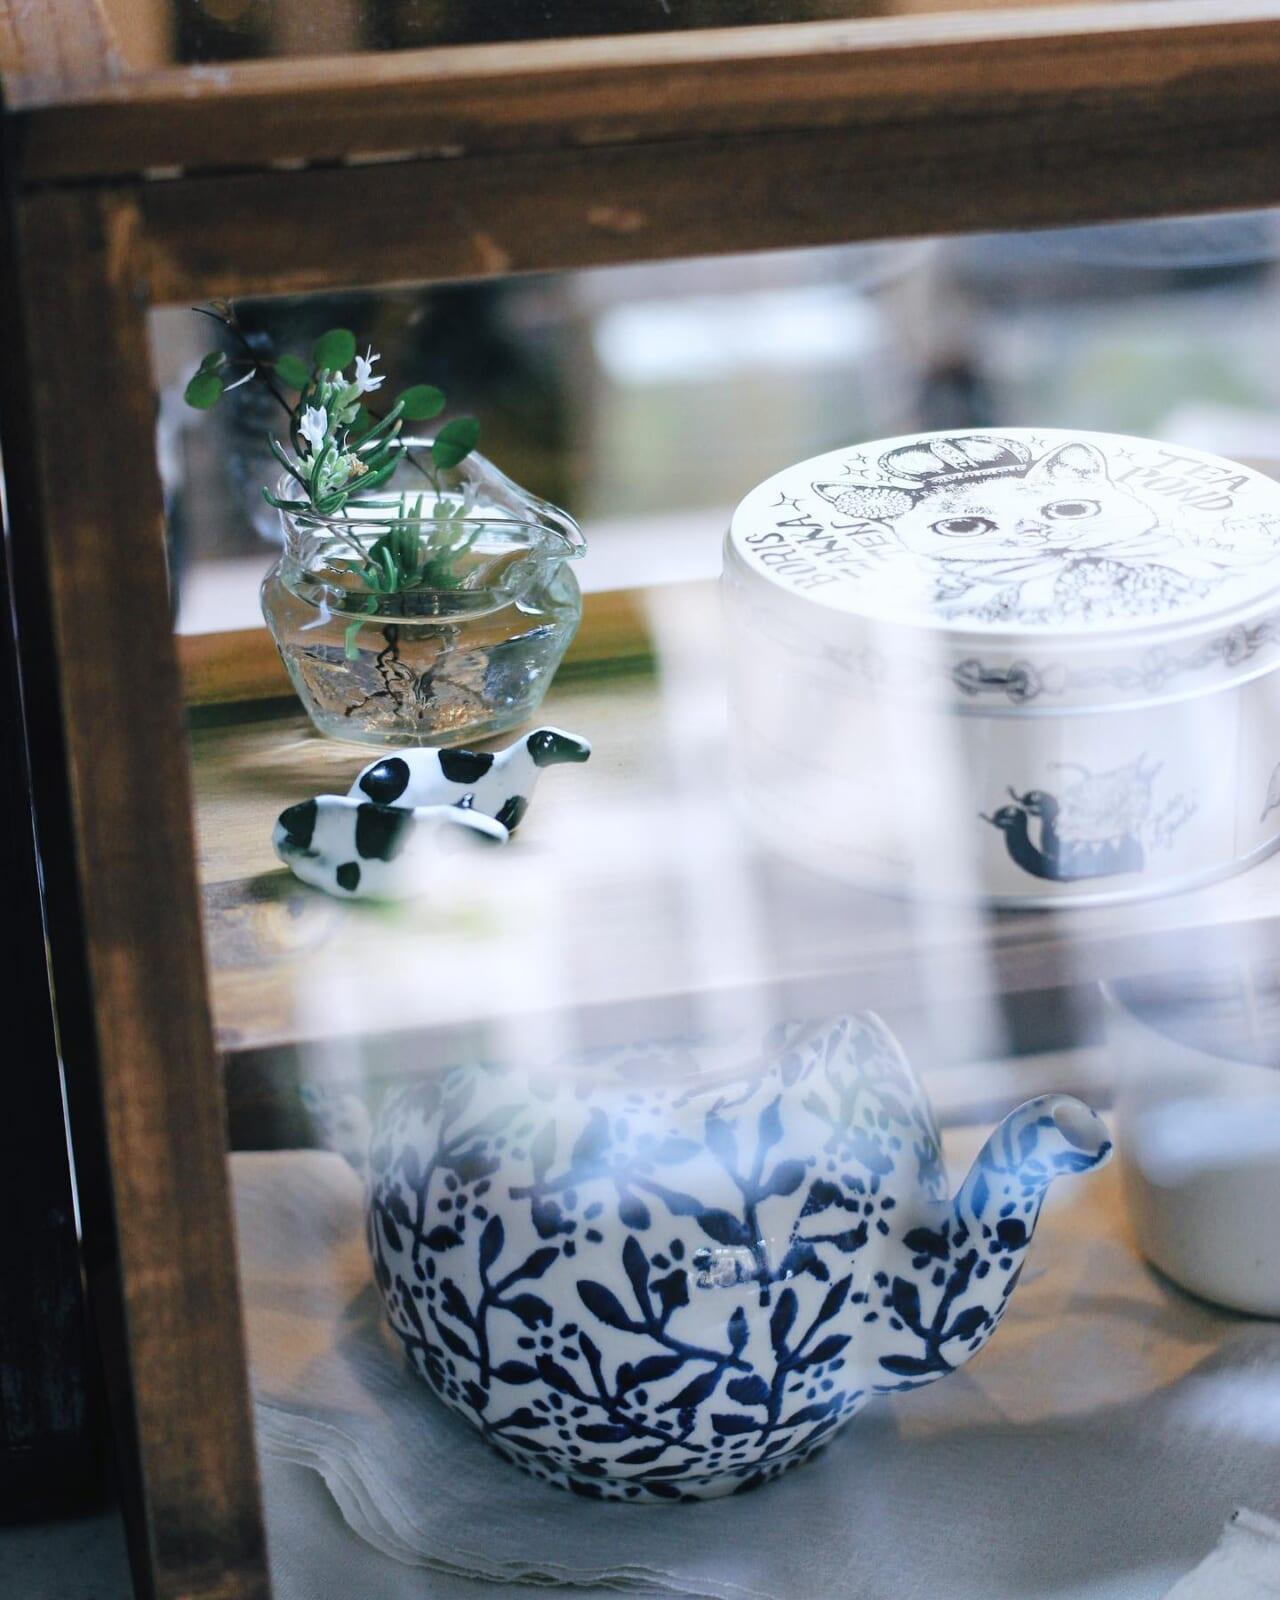 .お手頃価格のカジュアルなタイプですがカフェっぽいキャビネット️.アンティークのとかが欲しかったけれどやはりときめきますね︎🐄..白花のローズマリー、今満開です。先日、しましまにも少し持たせました.ハーブを使うこと、育てること。もっともっと繋げていきたいです..#カフェ風インテリア #キッチンキャビネット#ローズマリー#花のある暮らし #ハーブのある暮らし #ハーブを暮らしに .2021.01.16